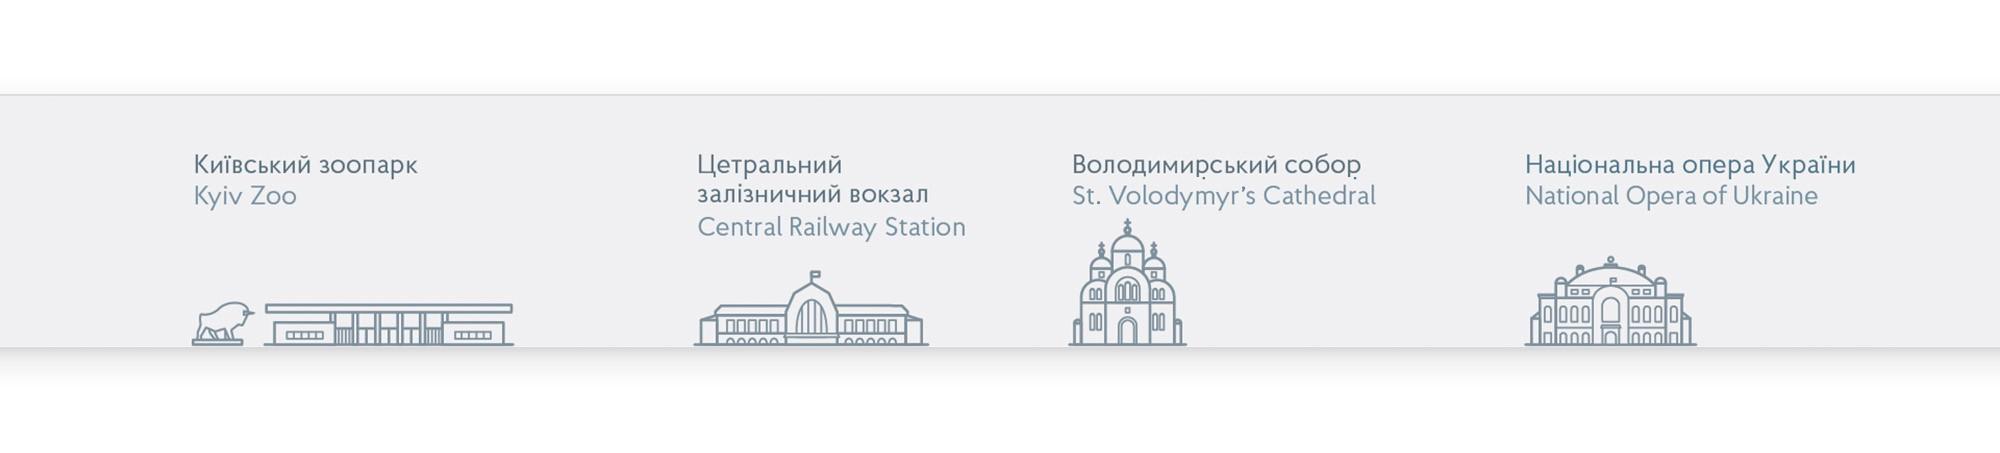 Пам'ятки біля станцій